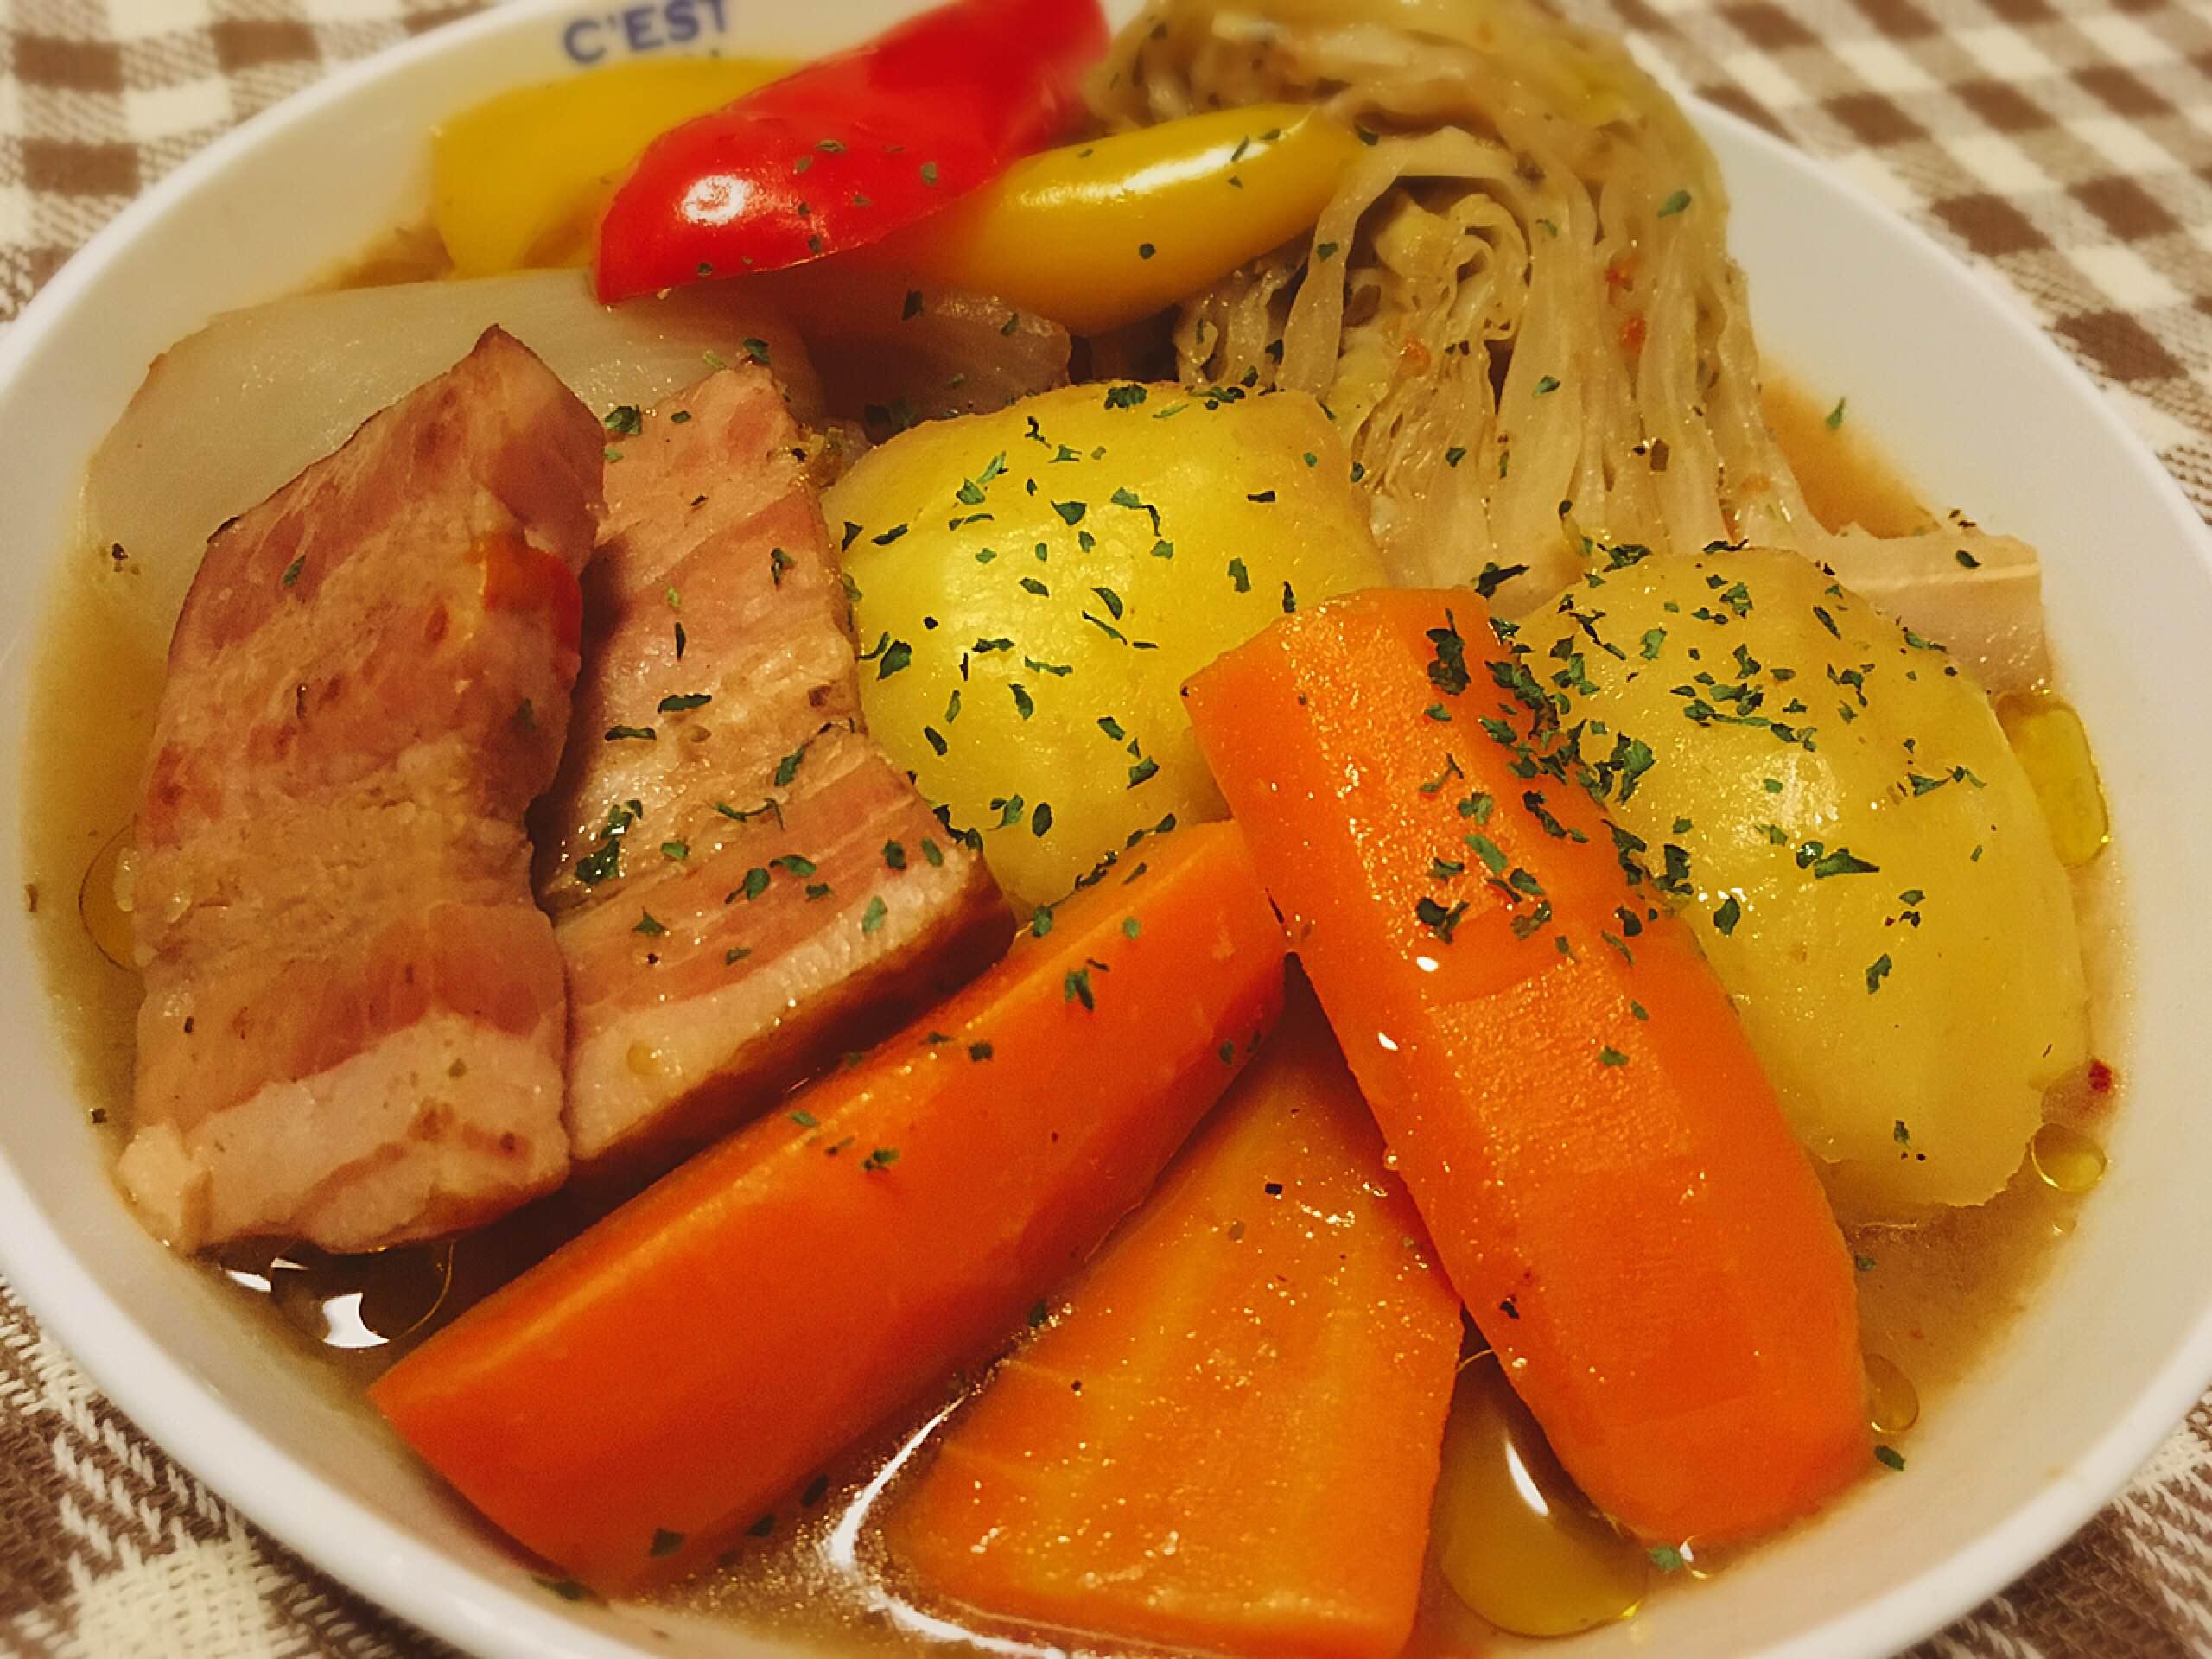 ゴロゴロお野菜と ハーブのポトフ